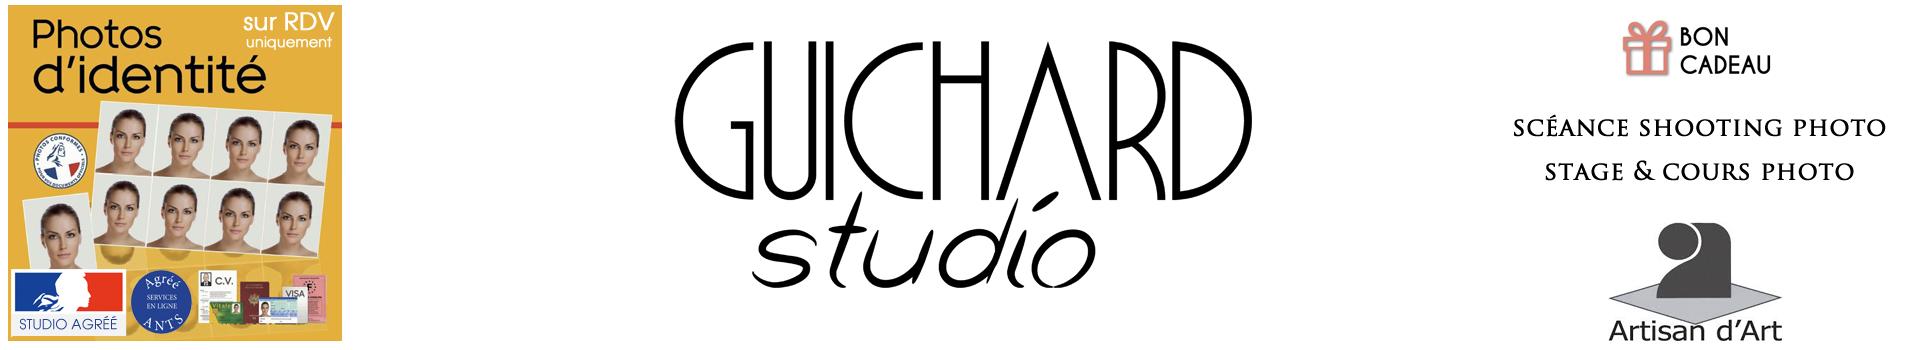 Studio GUICHARD photographe